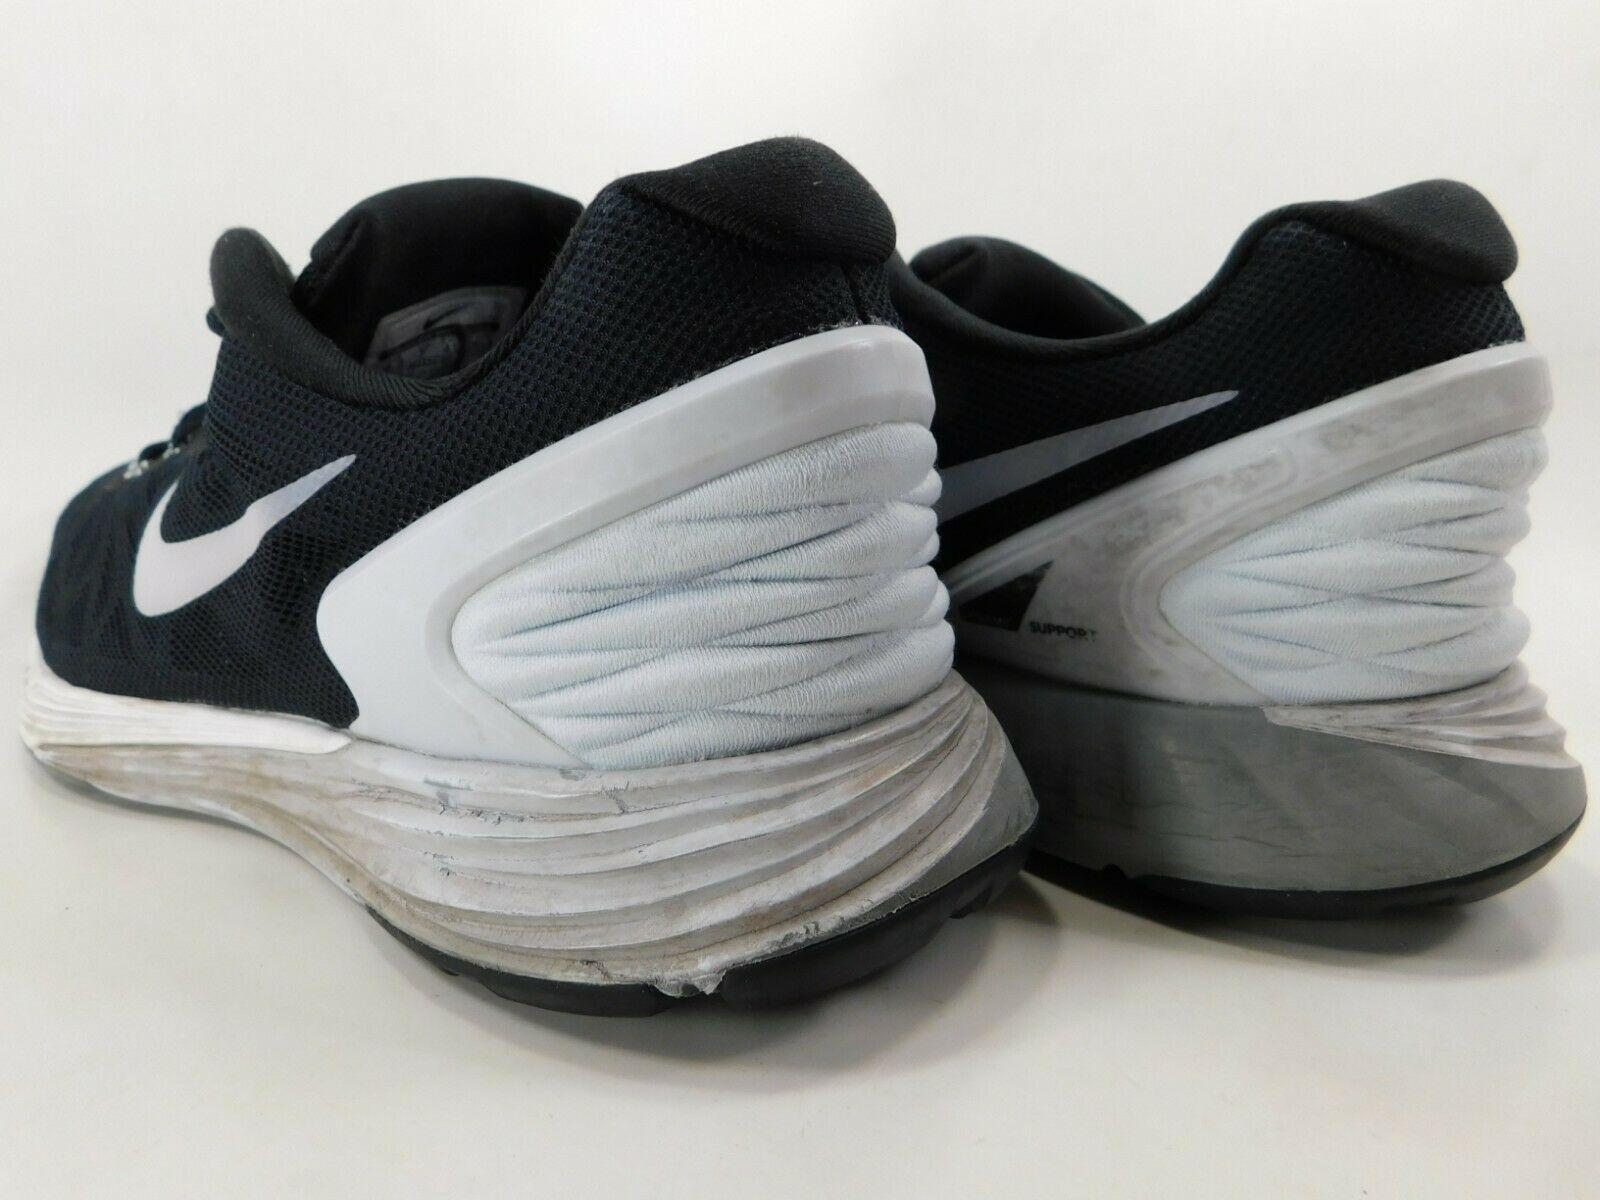 Nike Lunarglide 6 Taglia Us9.5 M (B) Eu 41 da Donna Corsa Scarpe Nere 654434-001